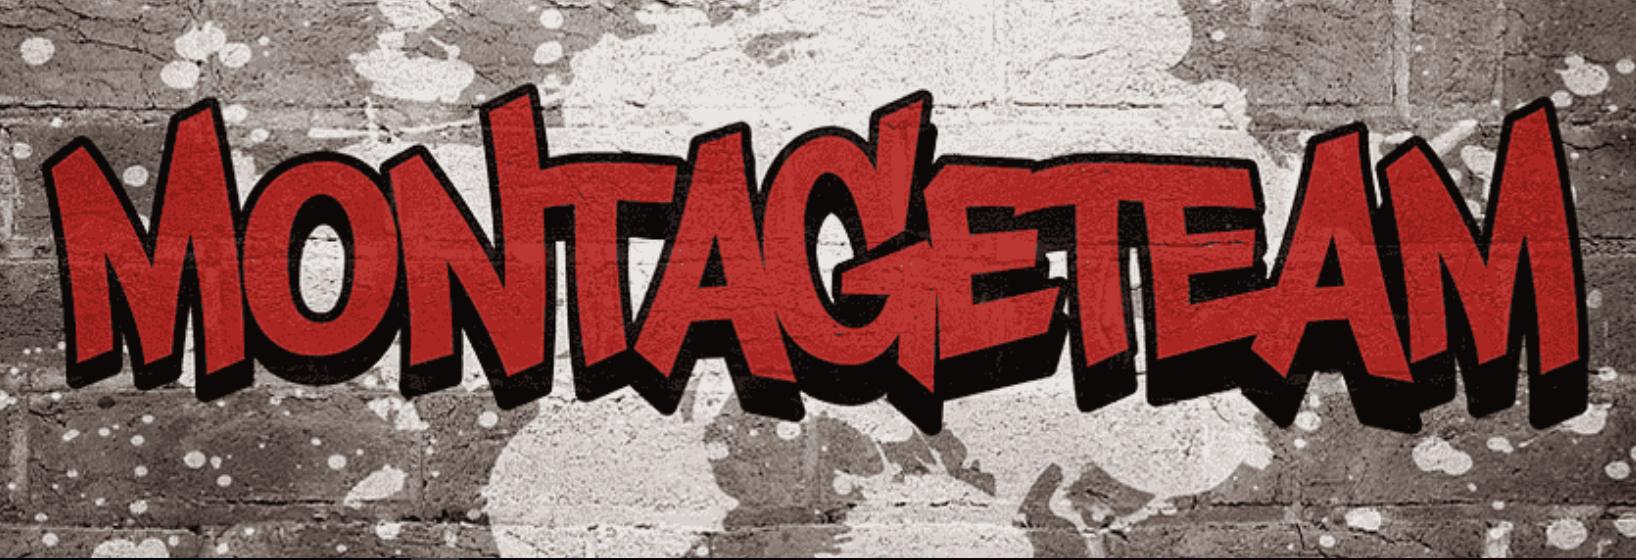 Montageteam Stieger GmbH